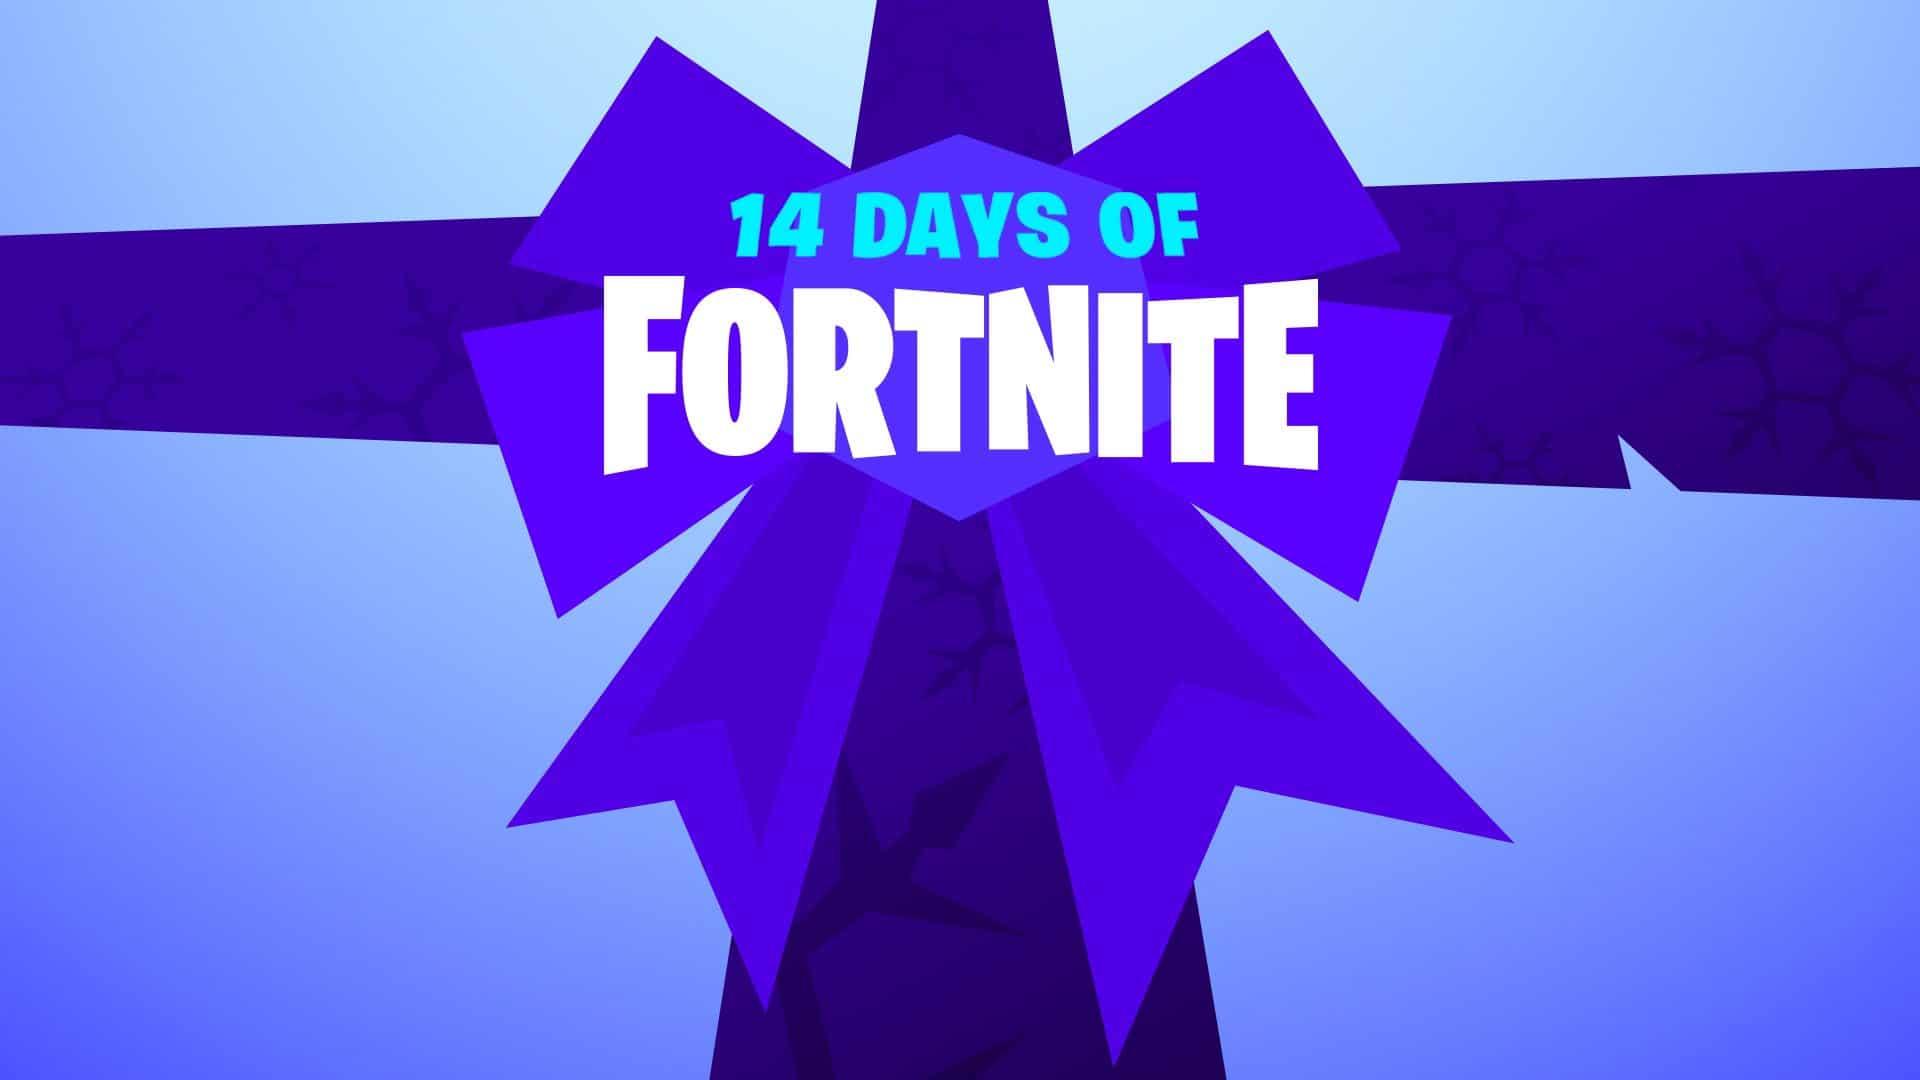 14 Tage des Fortnite-Ereignisses